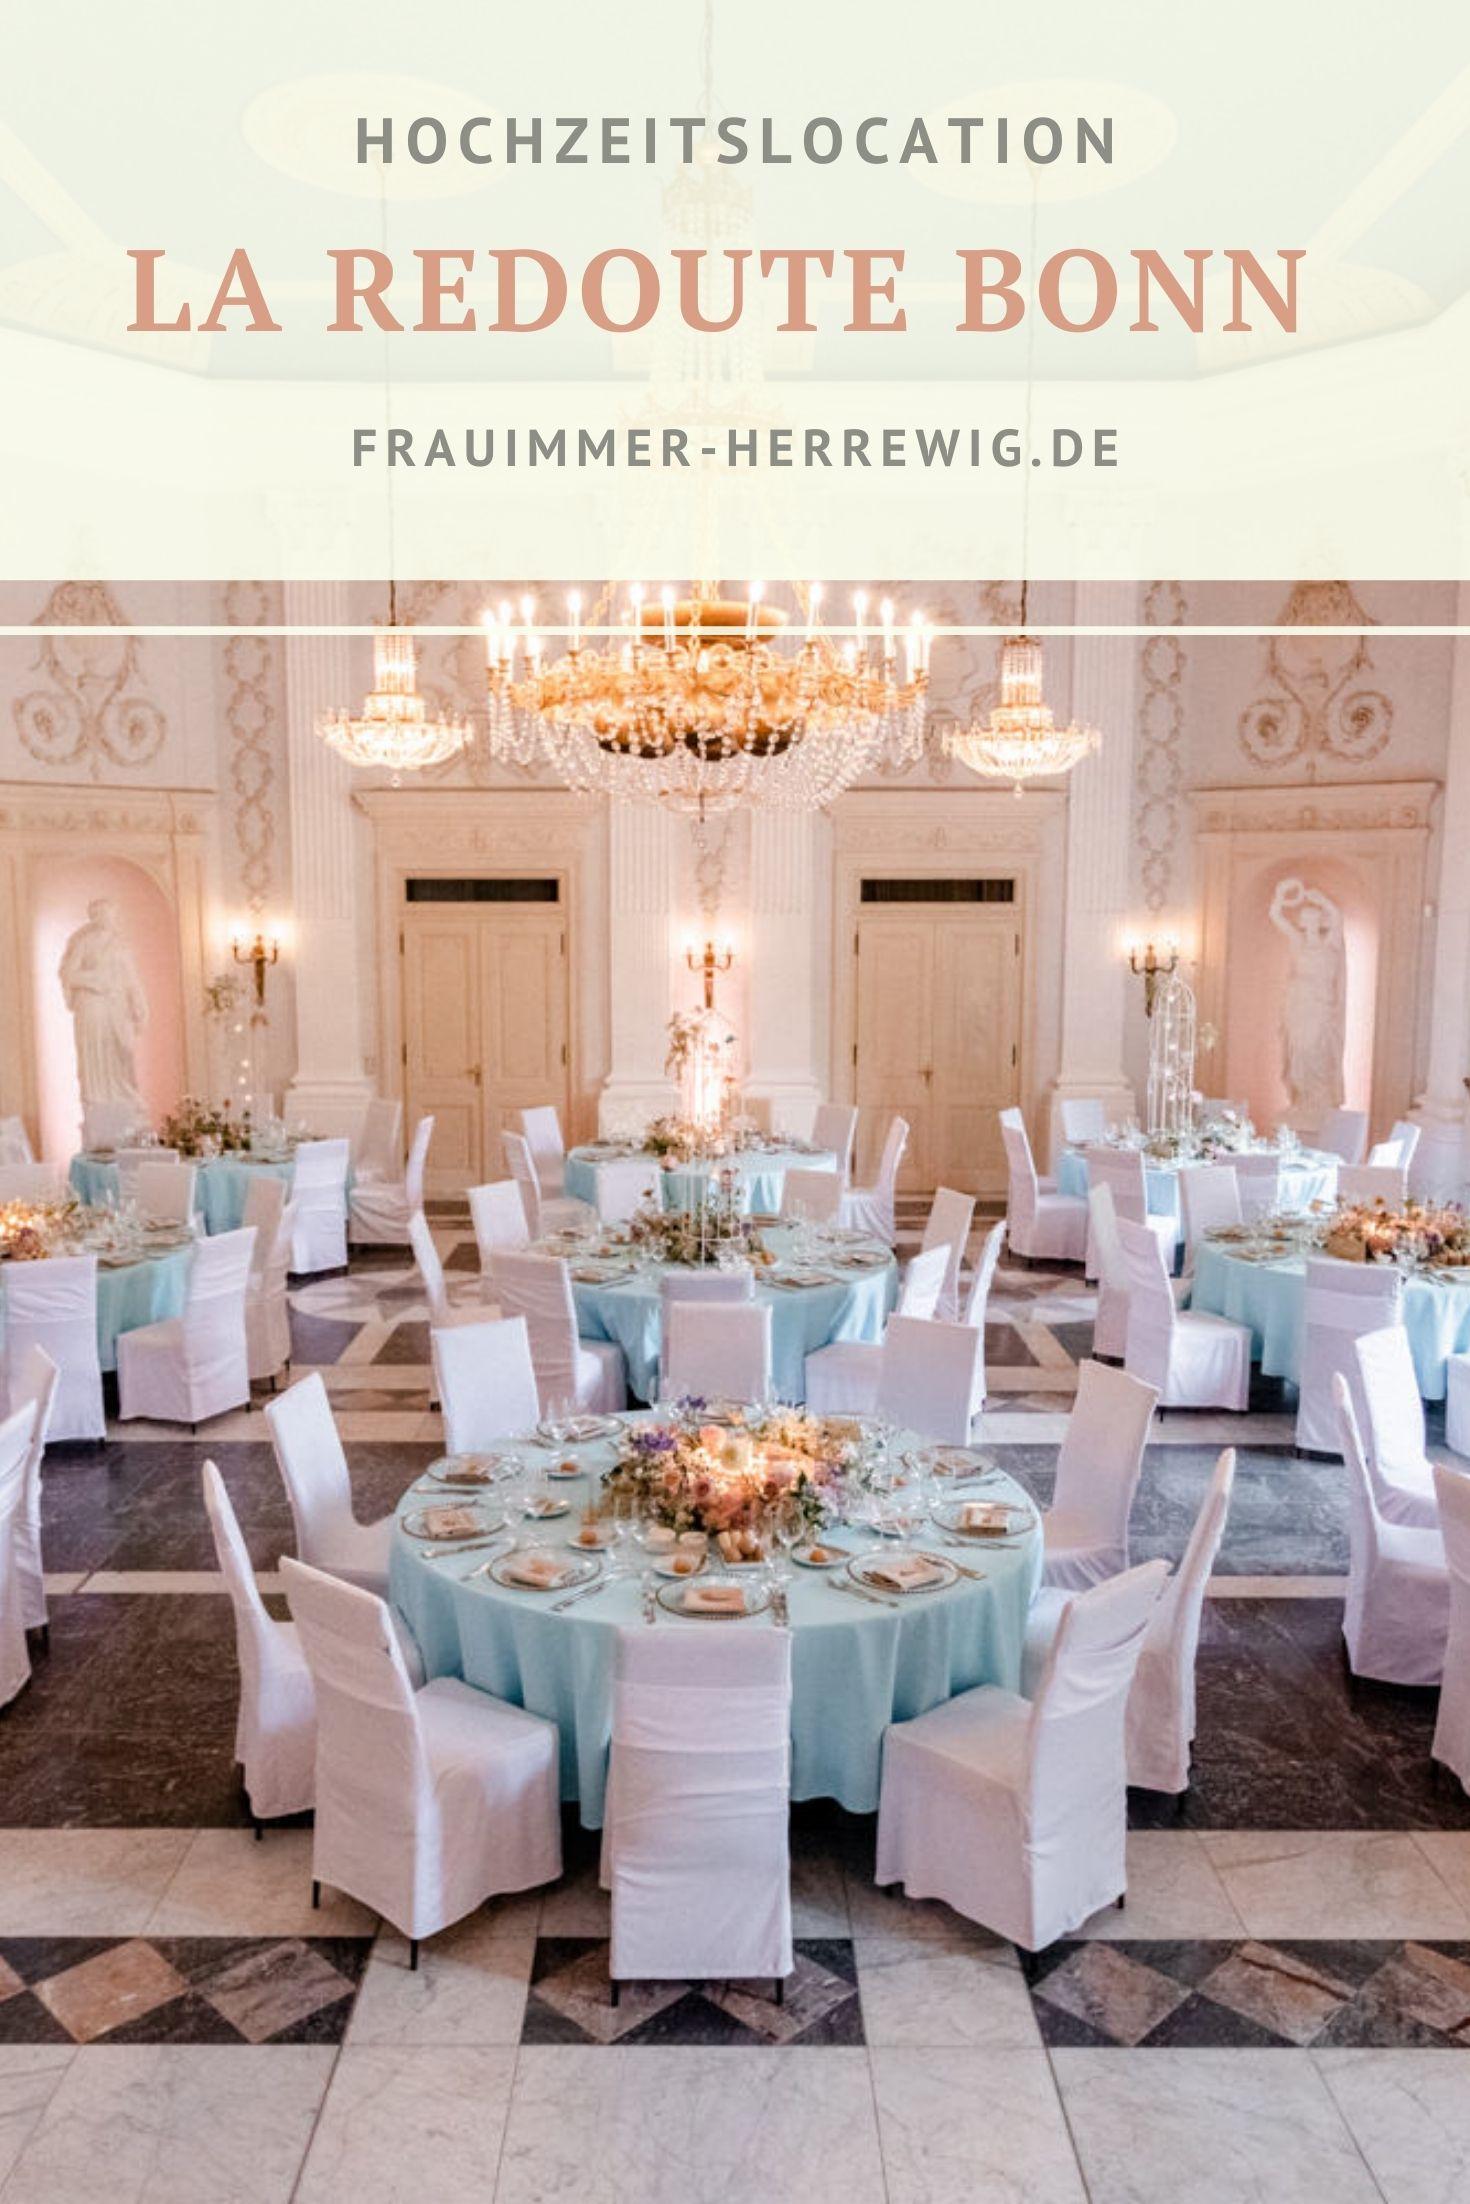 Hochzeitslocation la redoute bonn – gesehen bei frauimmer-herrewig.de